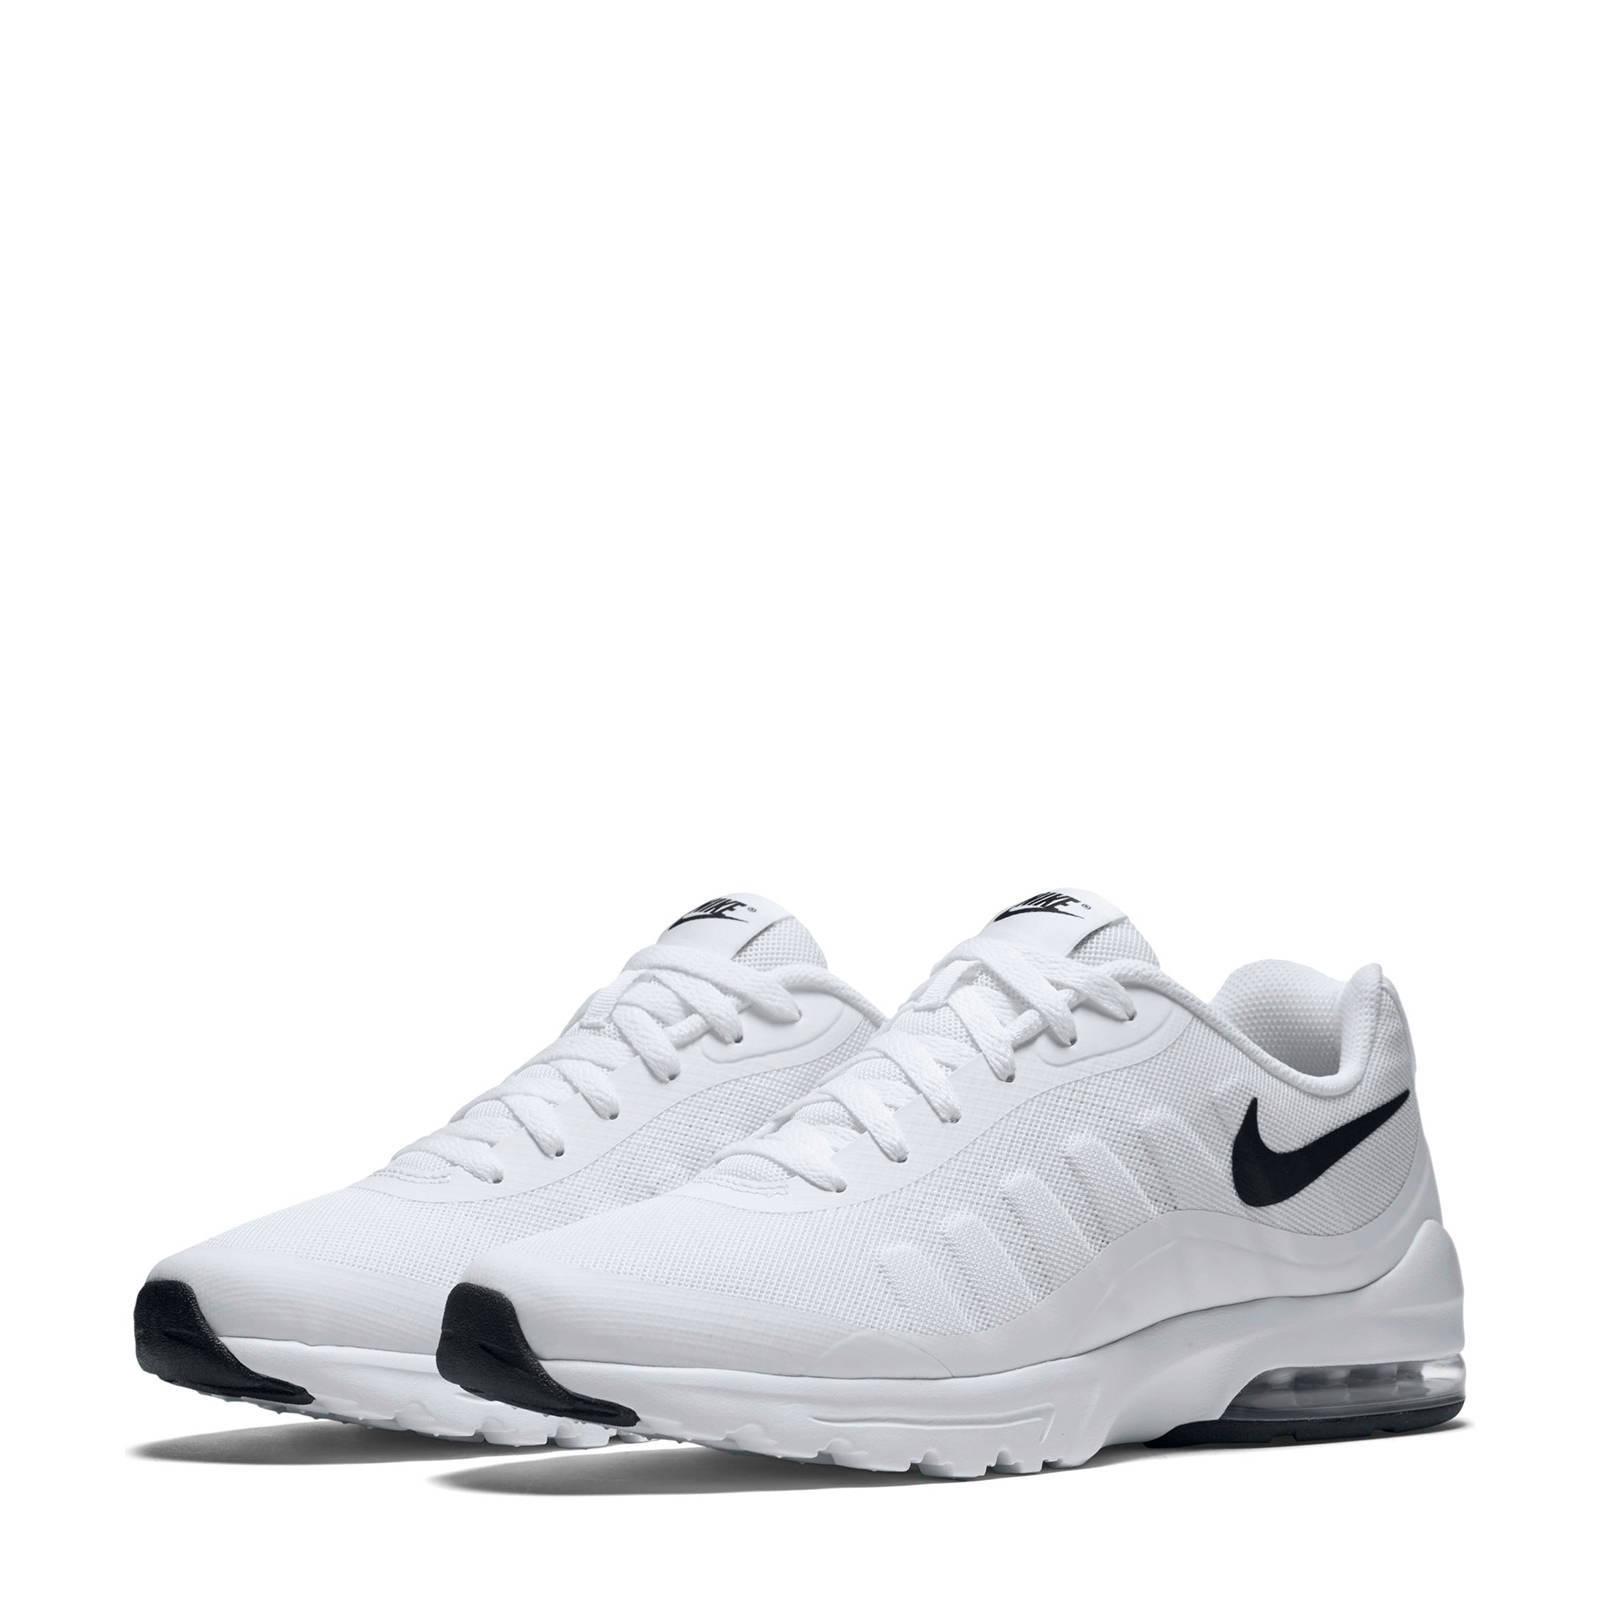 Nike Air Max Invigor sneakers wit/zwart | wehkamp